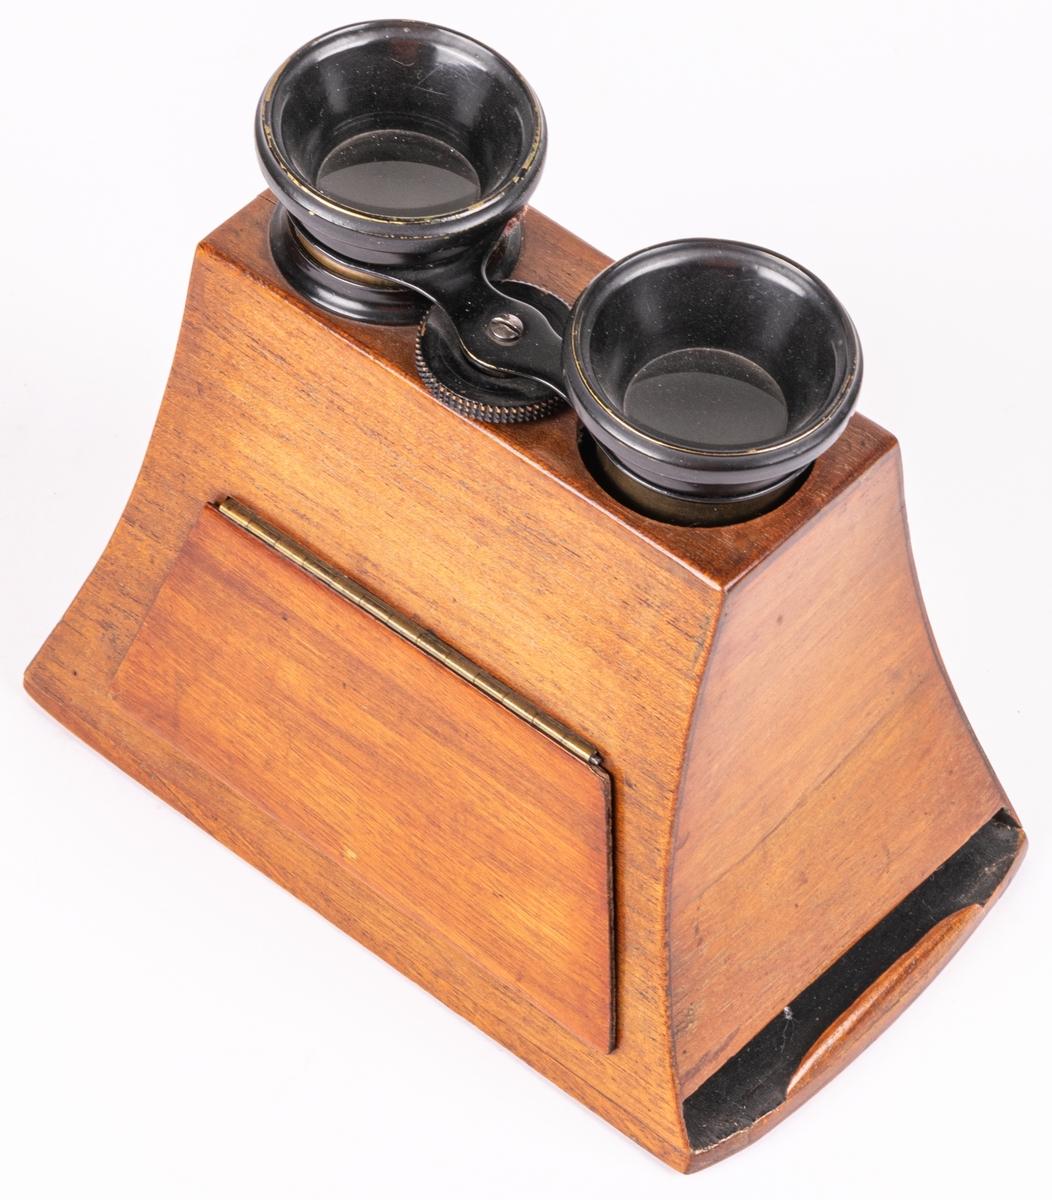 """Kat.kort: Stereoskop, träfodral med kikargluggar att se in genom. Nio stereoskopbilder /foton/ på papp, med skiftande motiv, en märkt: """"Paris instantané"""".  Storlek: 10x15x18cm.  Har varit utst. i handkammaren /rum 24/."""